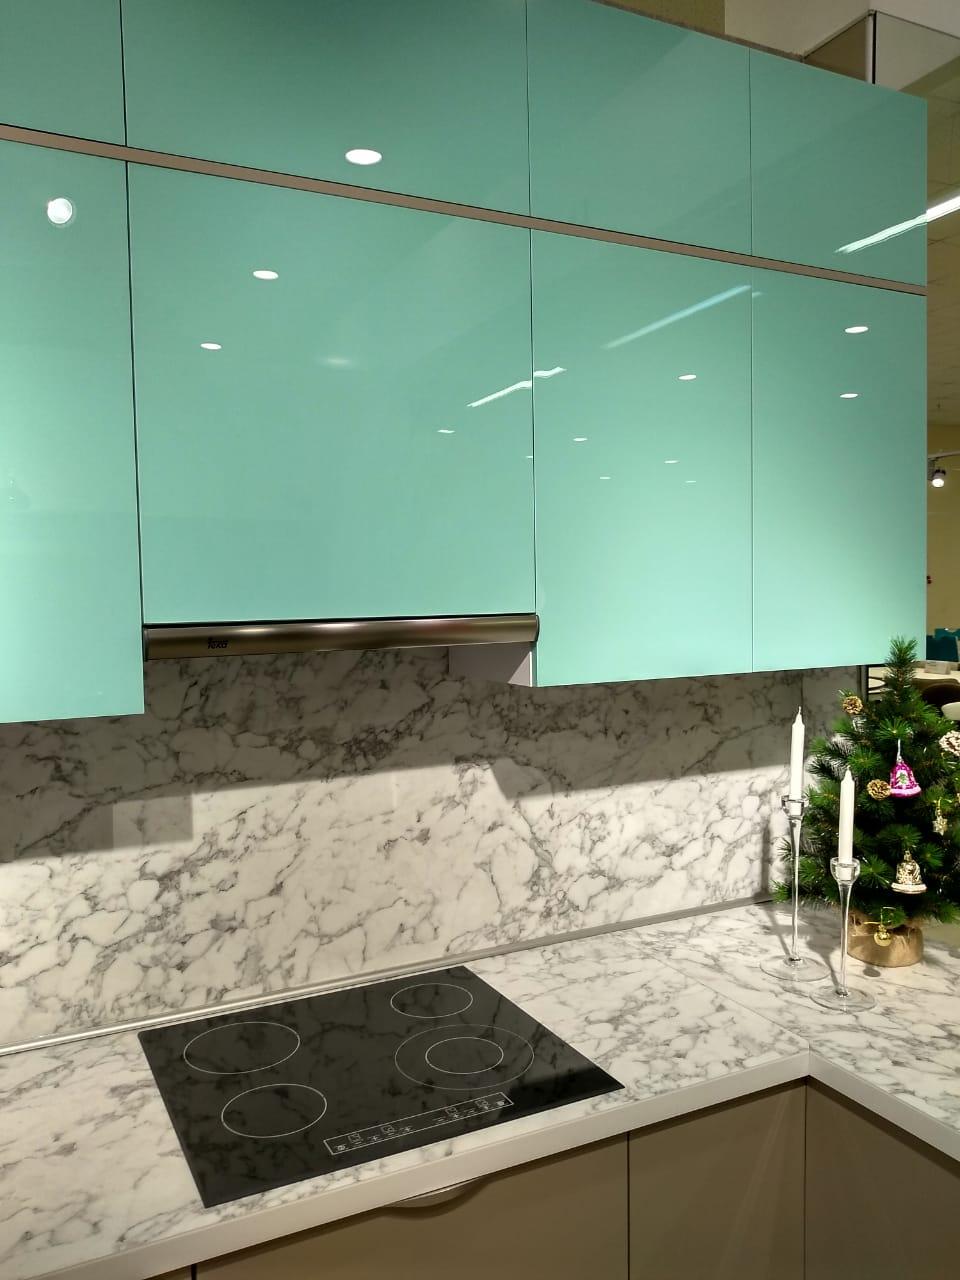 Второе фото Кухня с фасадами Пластик с эффектом «стекло» и «антипальцы»